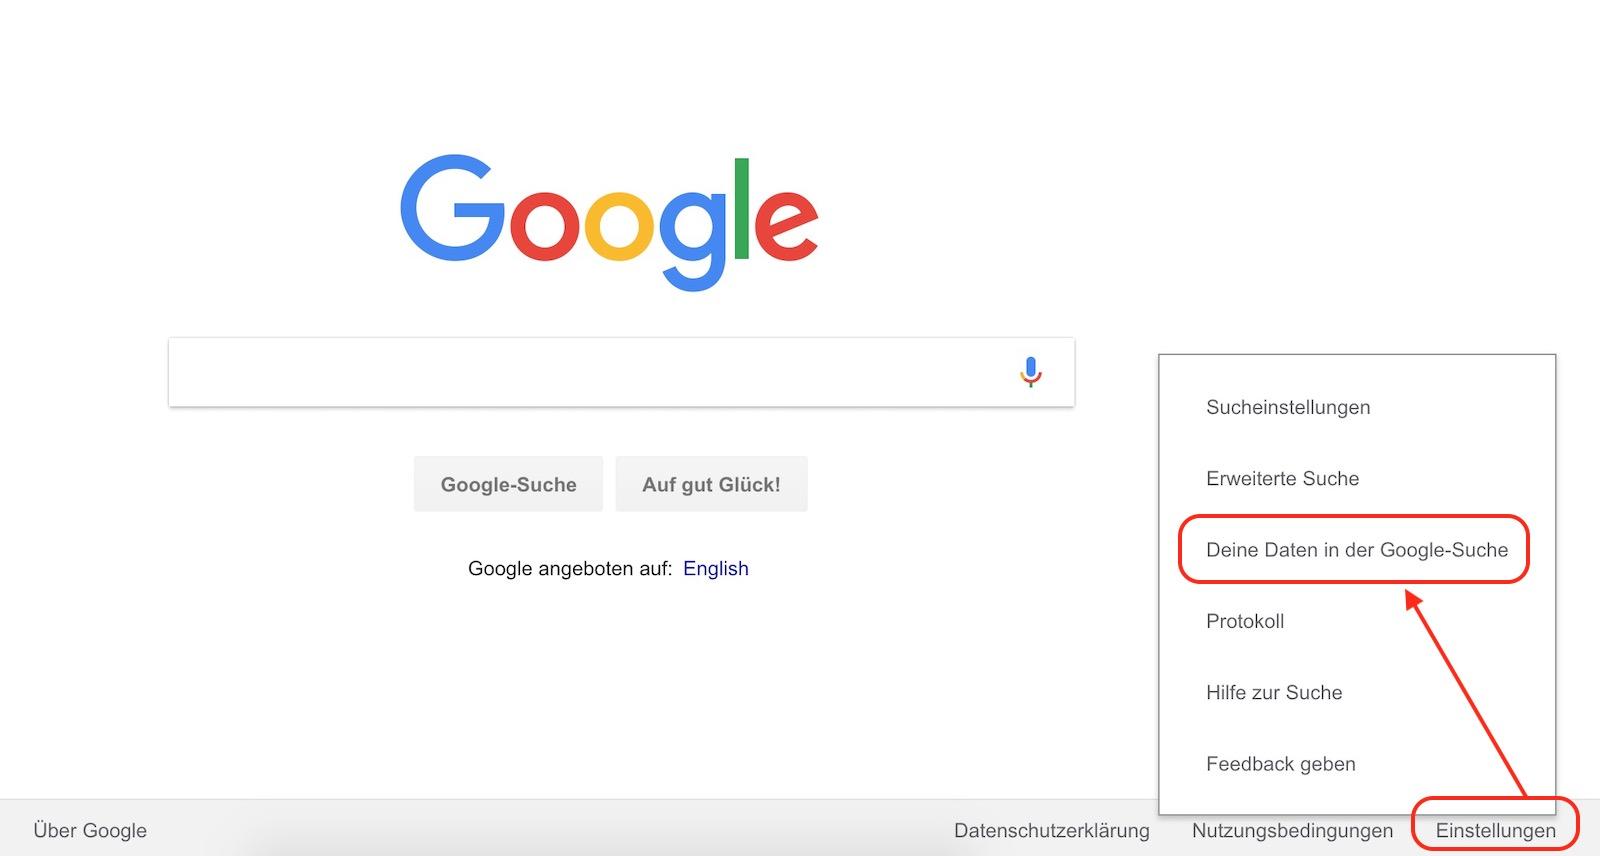 Einstellungen zur Google-Suche